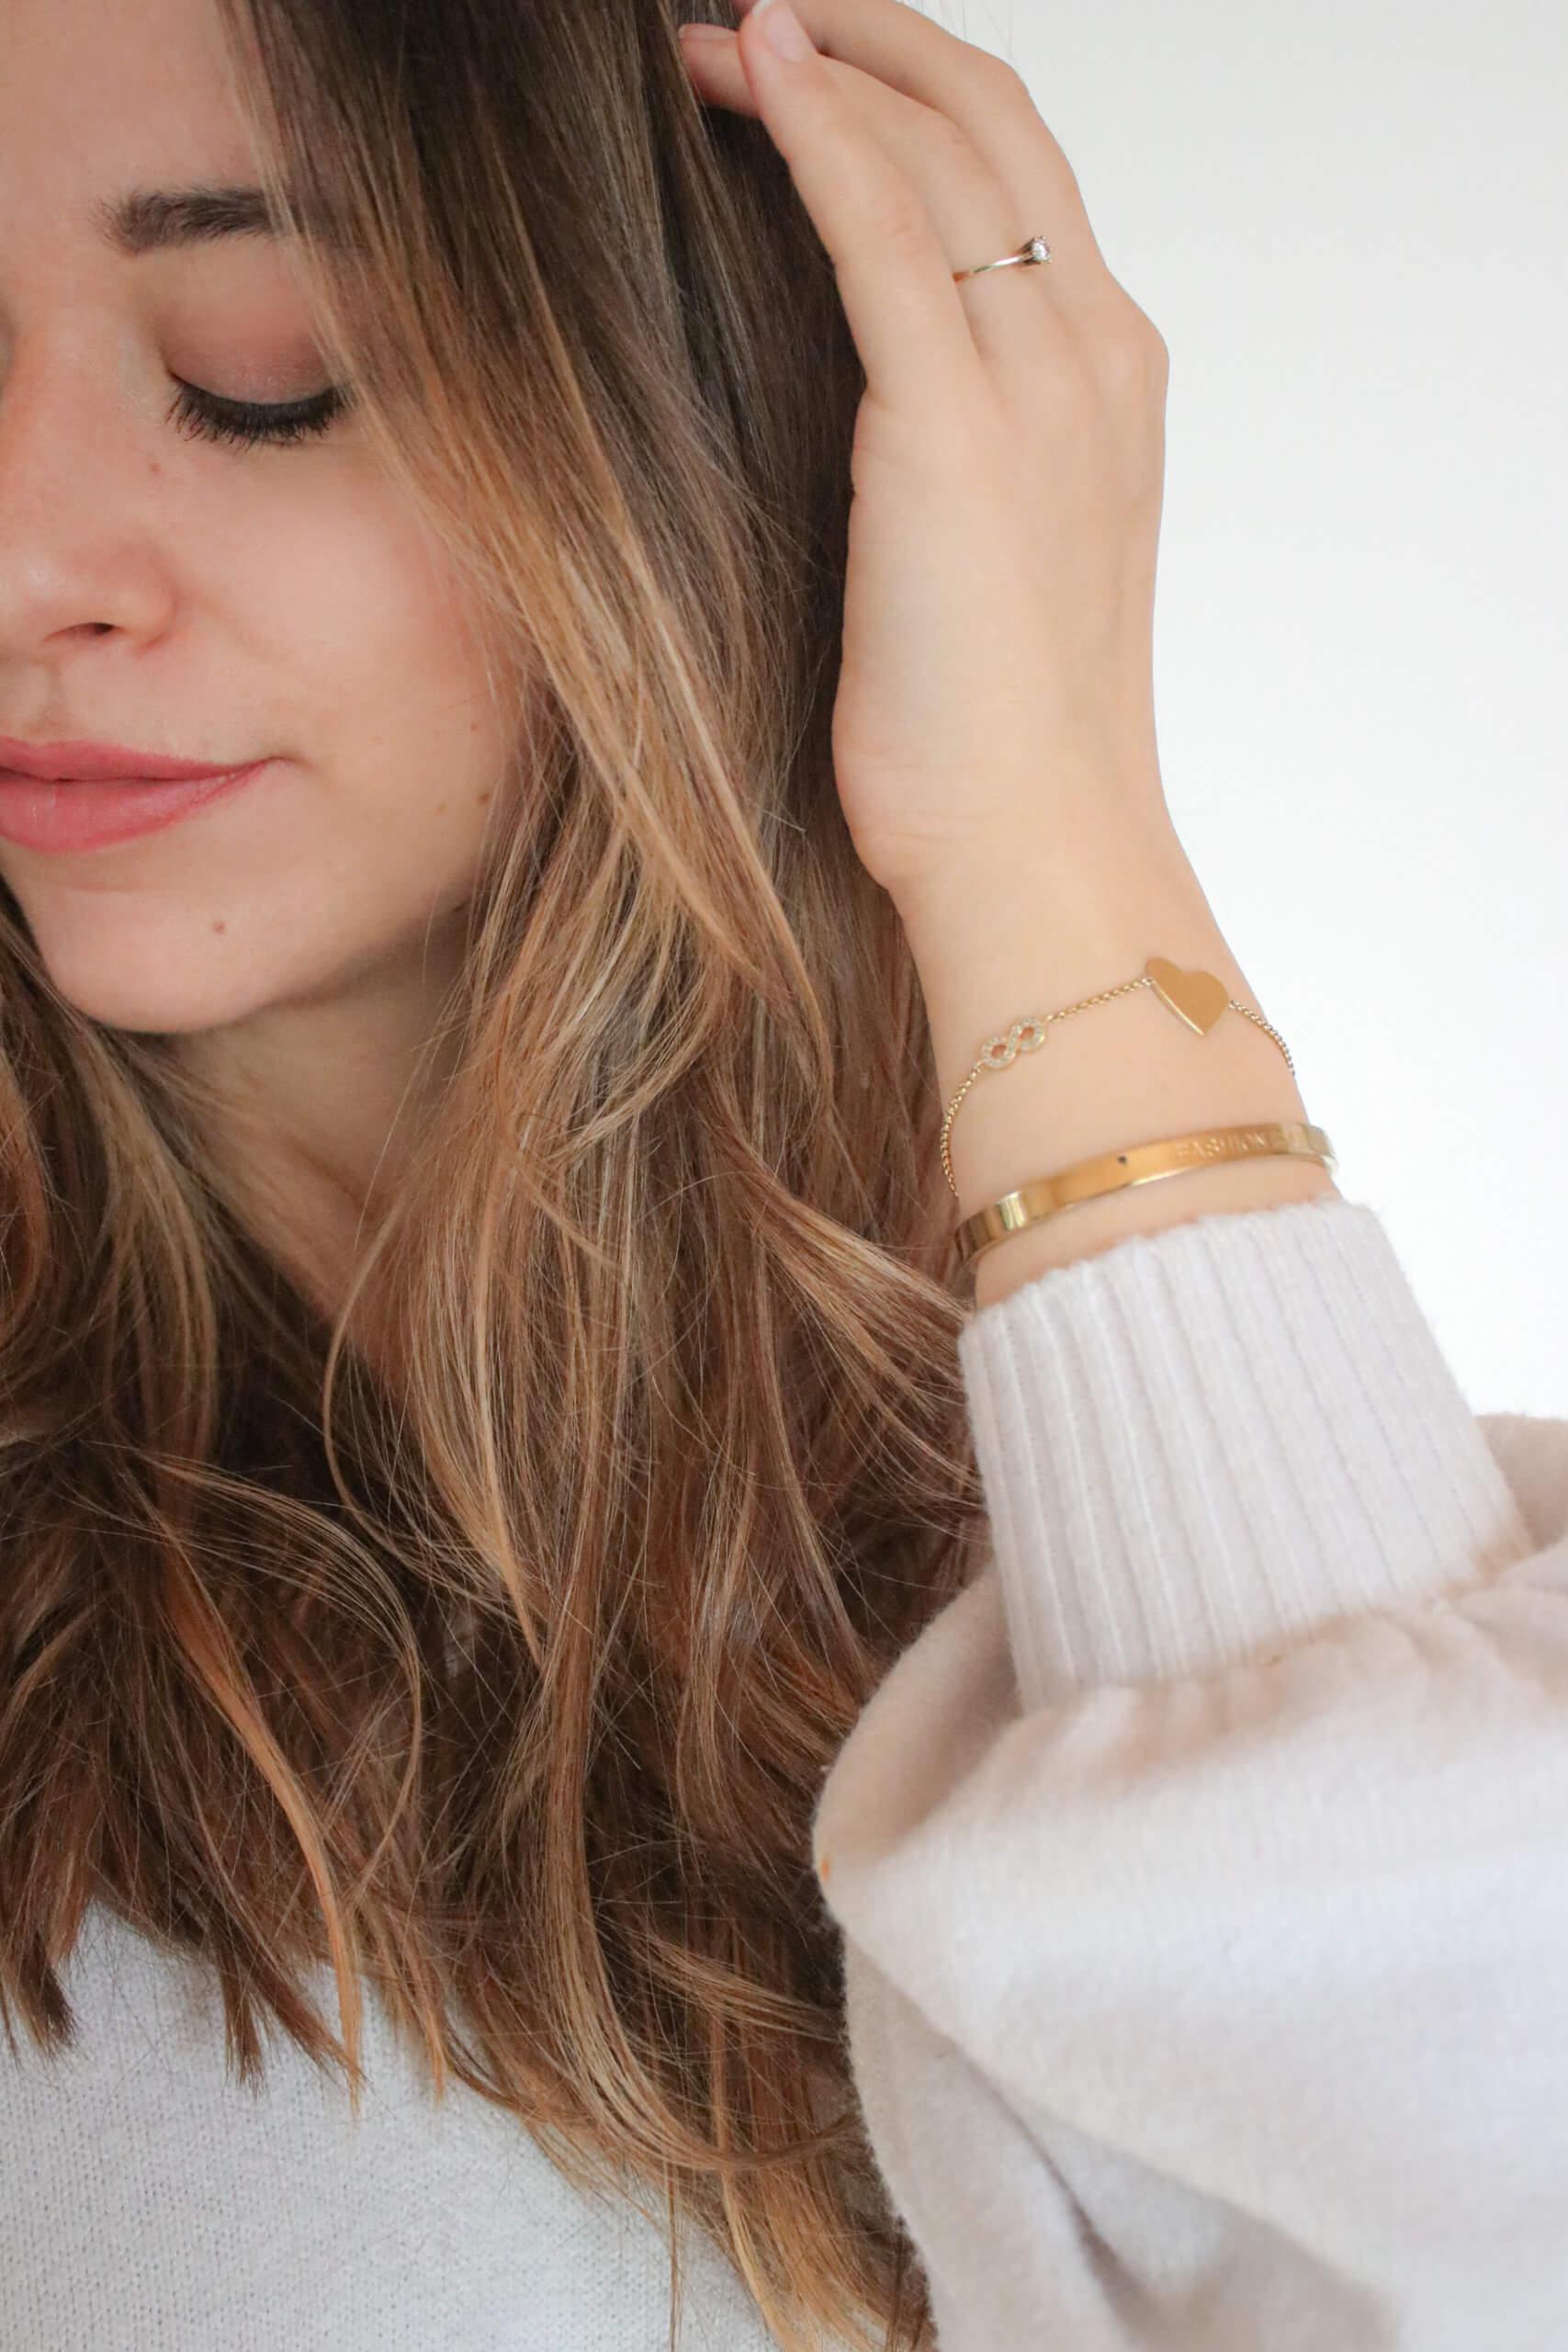 5 Schmuckstücke, die teurer aussehen als sie sind – diese Teile brauchst du in deinem Schmuckkästchen